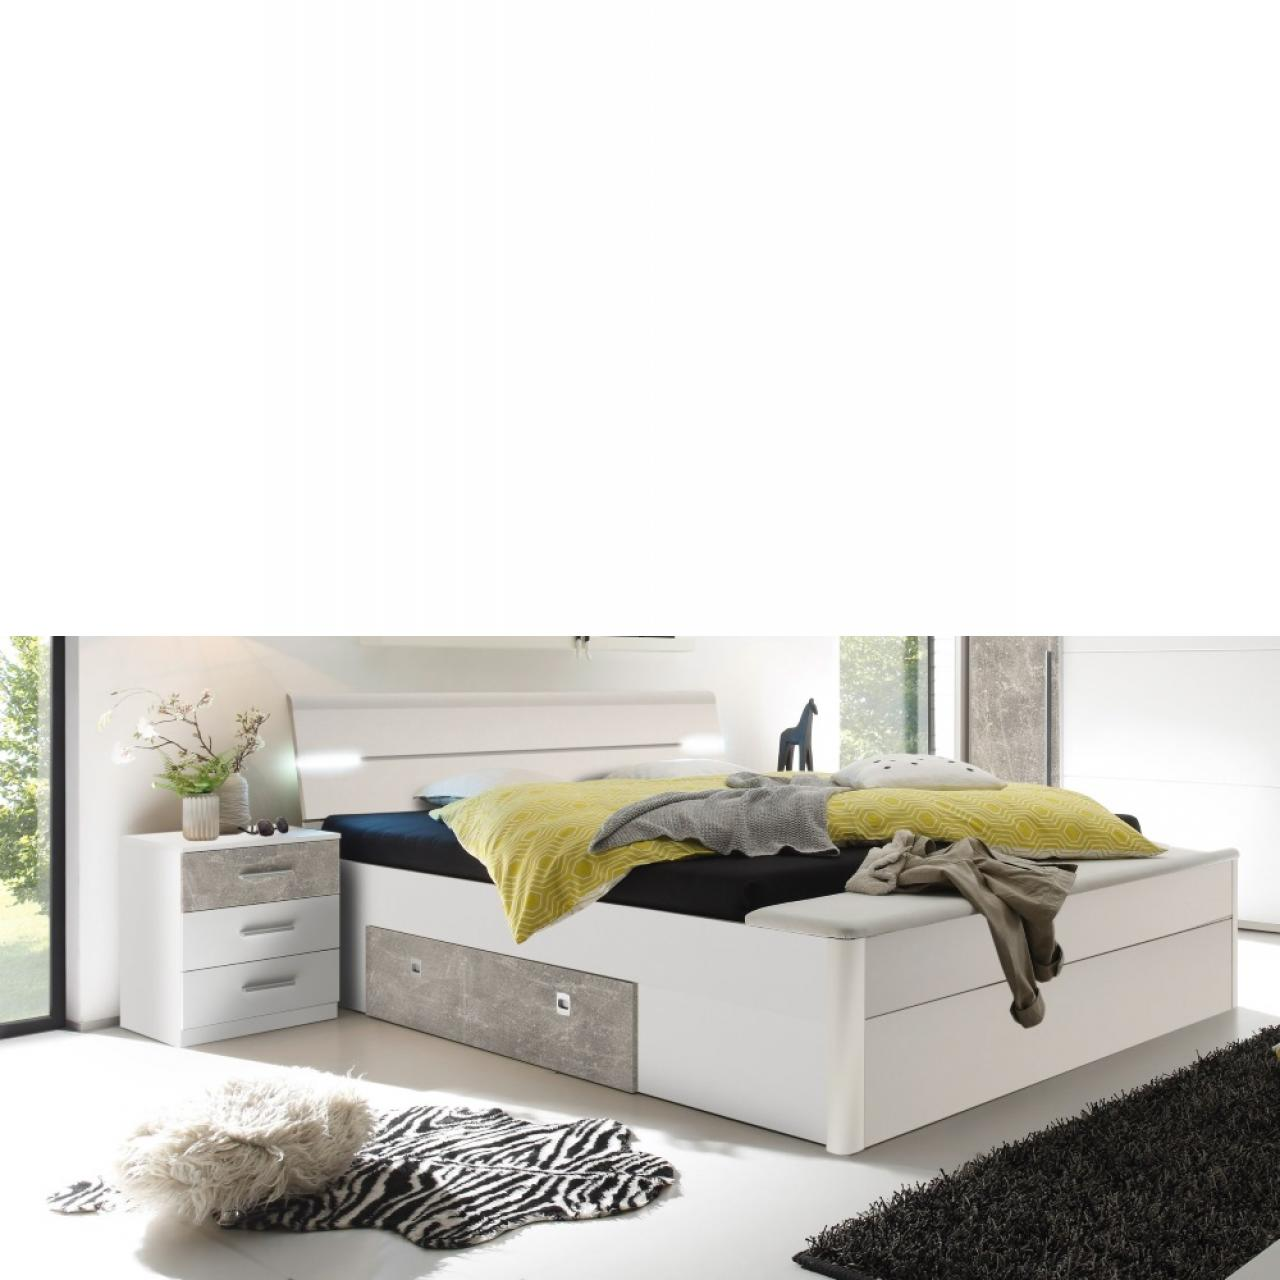 Bettanlage - Mars XL weiß/beton